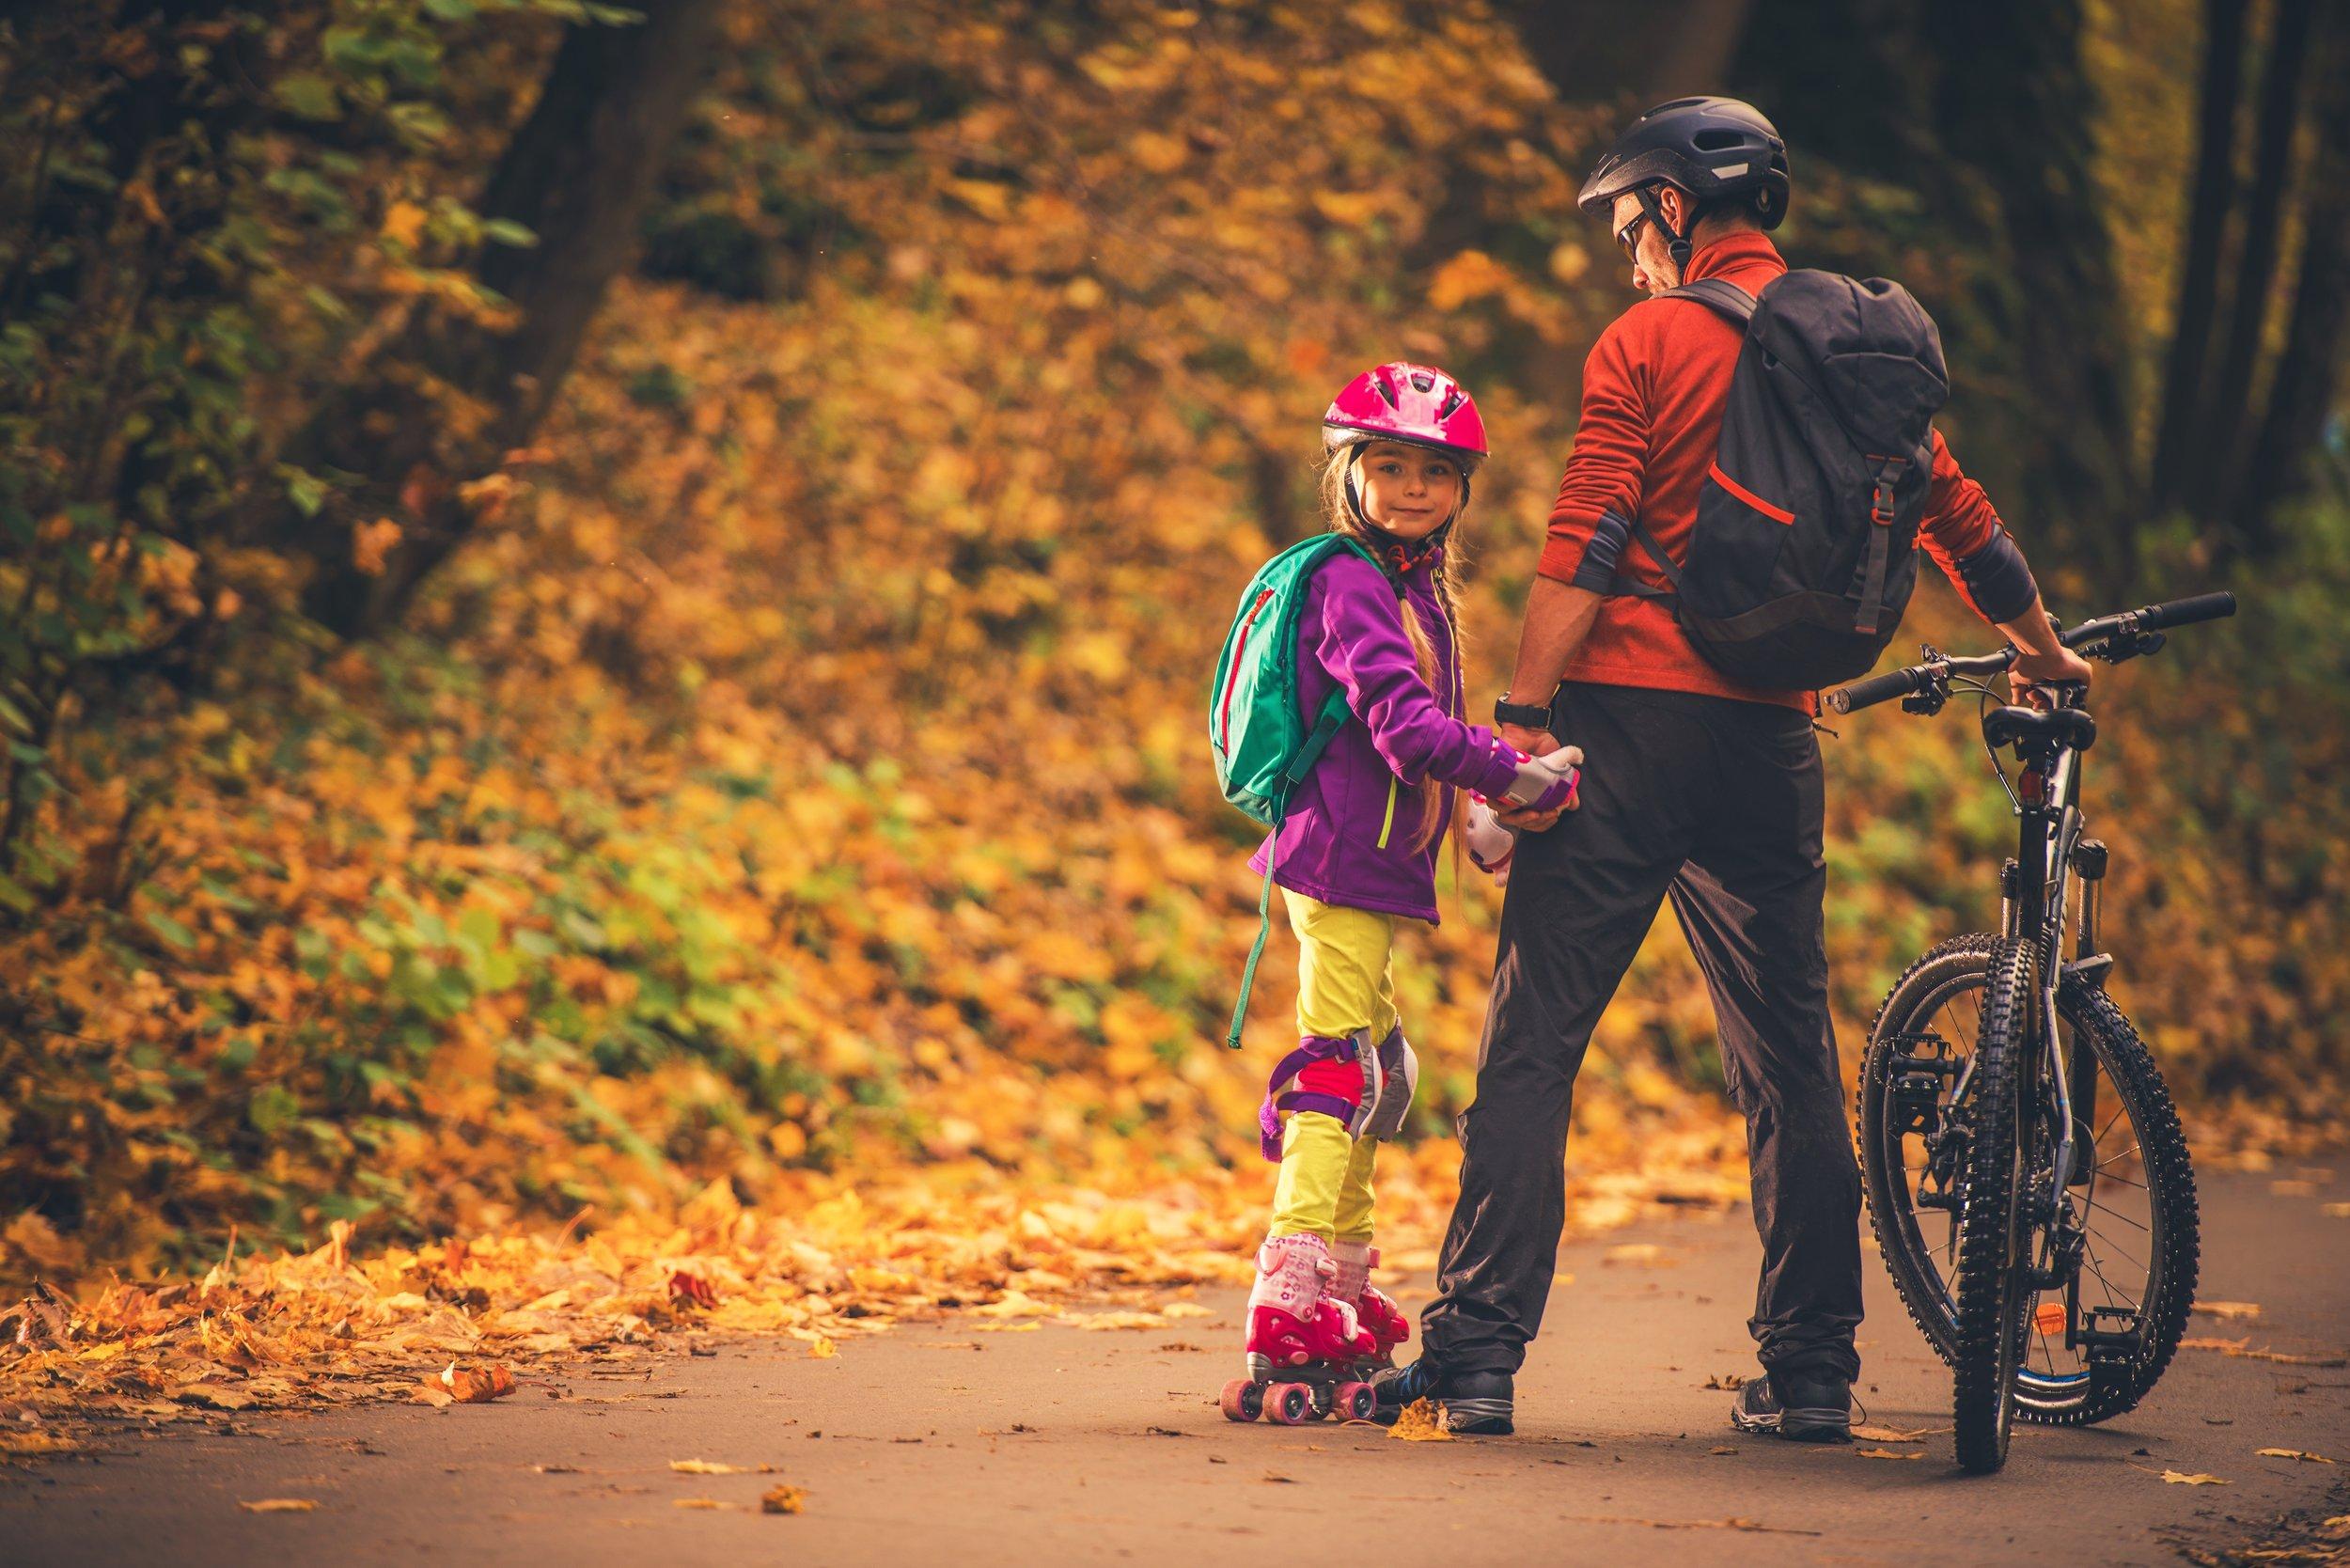 family-outdoor-activities-PJBSMDN.jpg